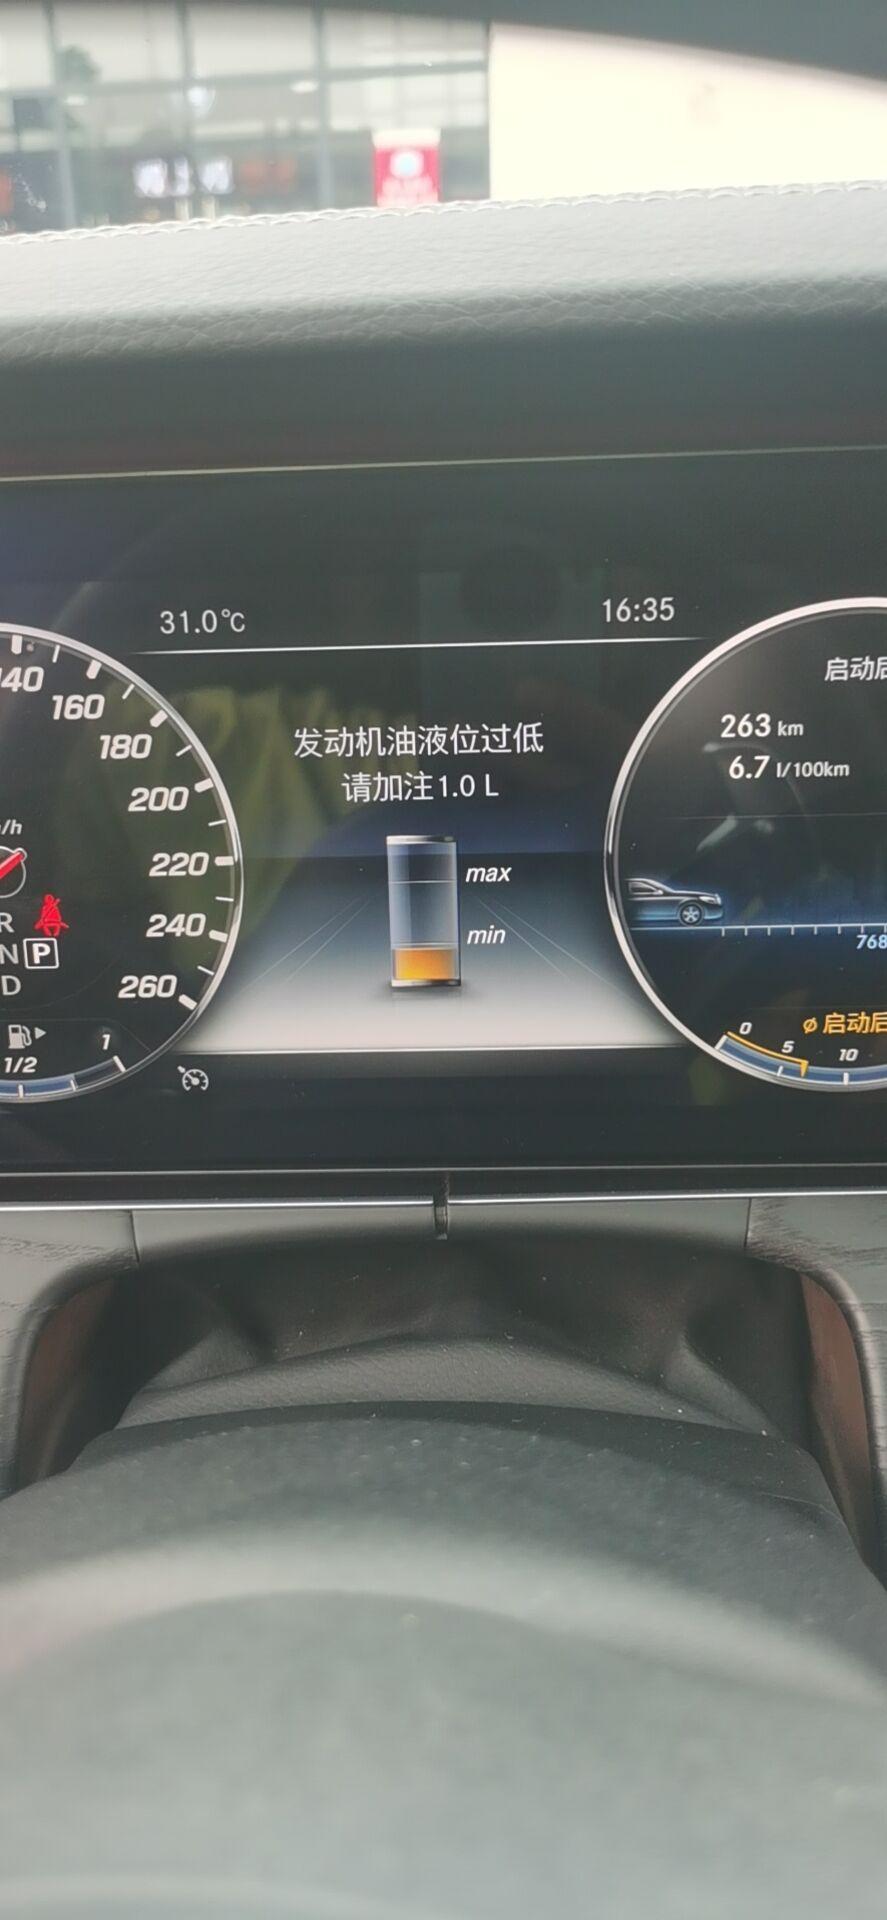 奔驰-奔驰E级 70多万漏油,40多万喝油,奔驰E300L烧机油严重